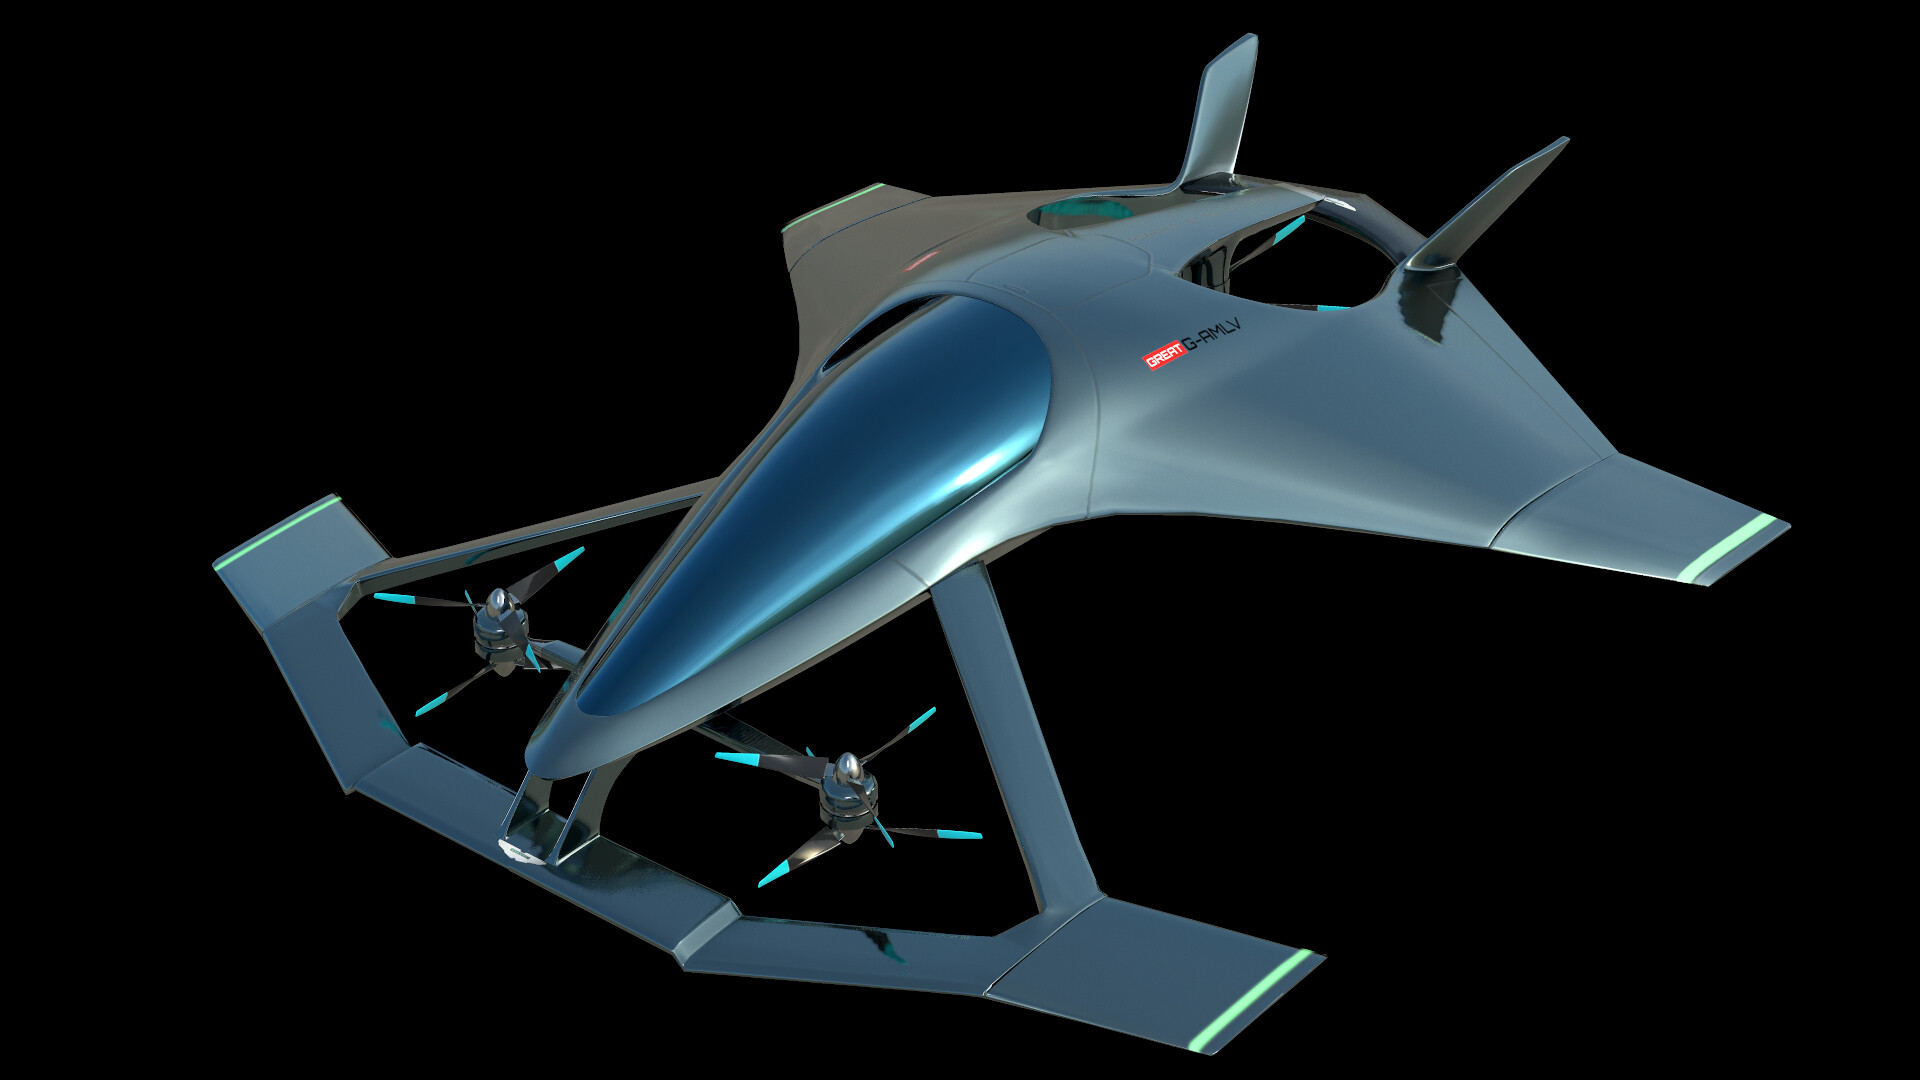 Paul Omelchenko Aston Martin Volante Vision Concept